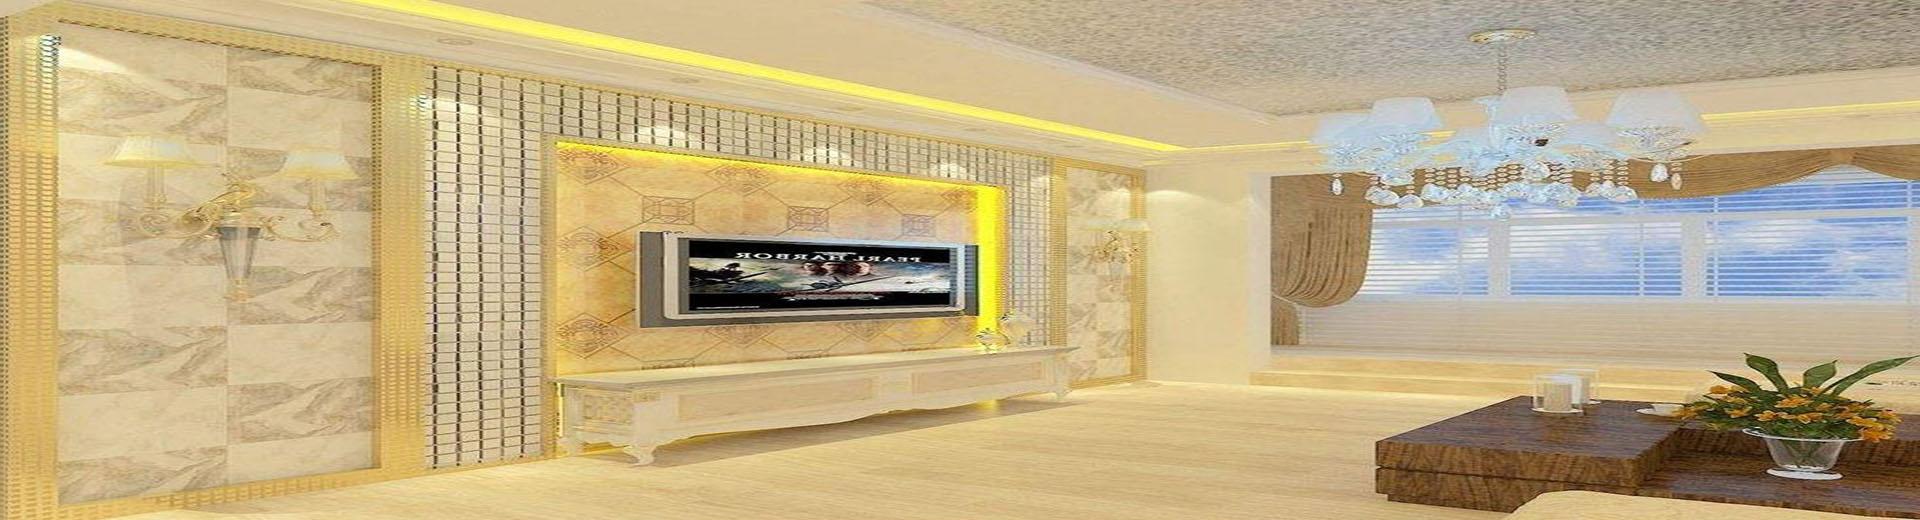 瓷磚背景墻裝飾效果圖案例,大氣華美別具一格